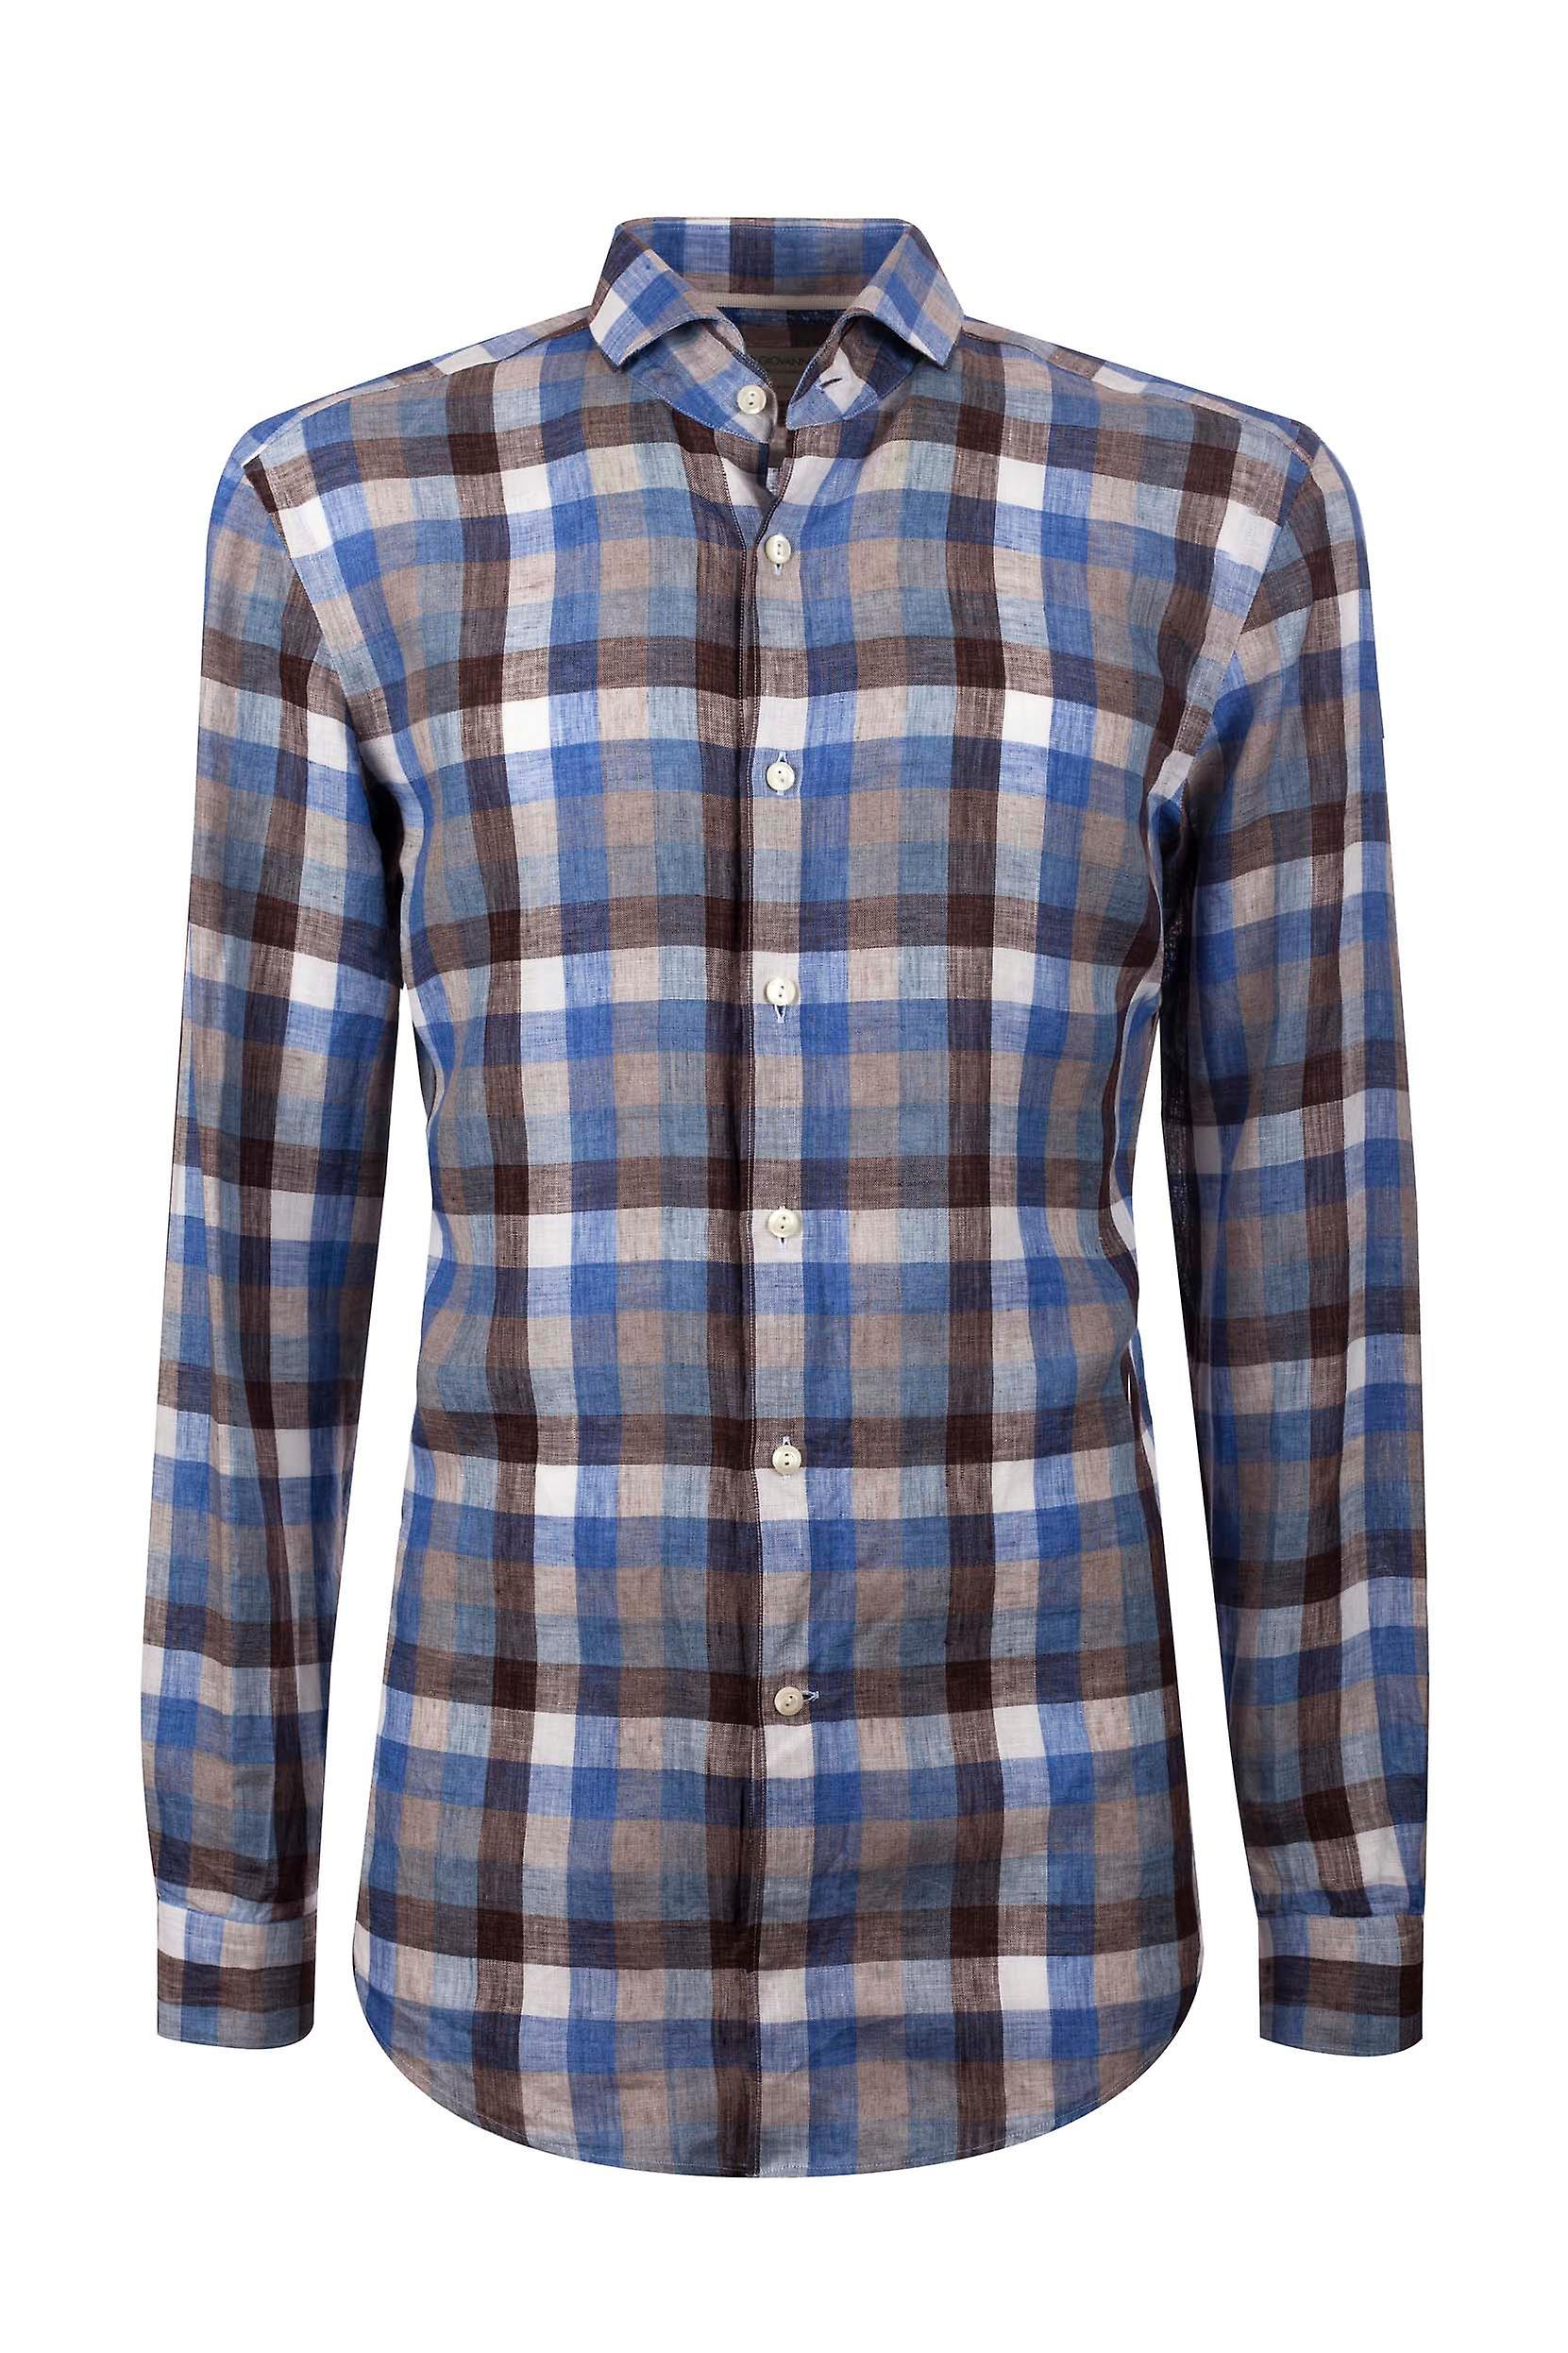 Fabio Giovanni San Marco Shirt - hochwertige feinste italienische Bettwäsche Check Shirt